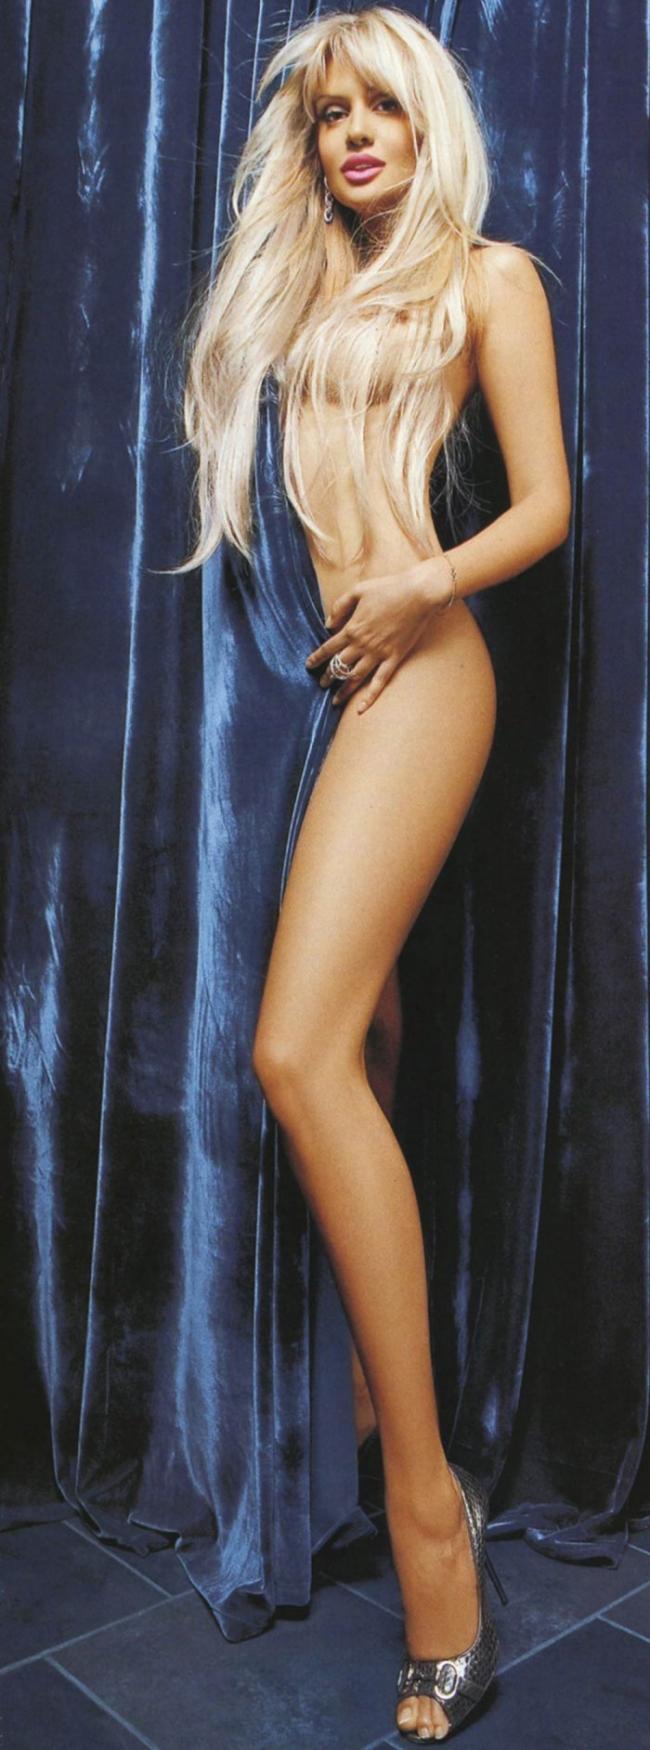 Виктория Лопырева фото голая слегка прикрылась синей портьерой